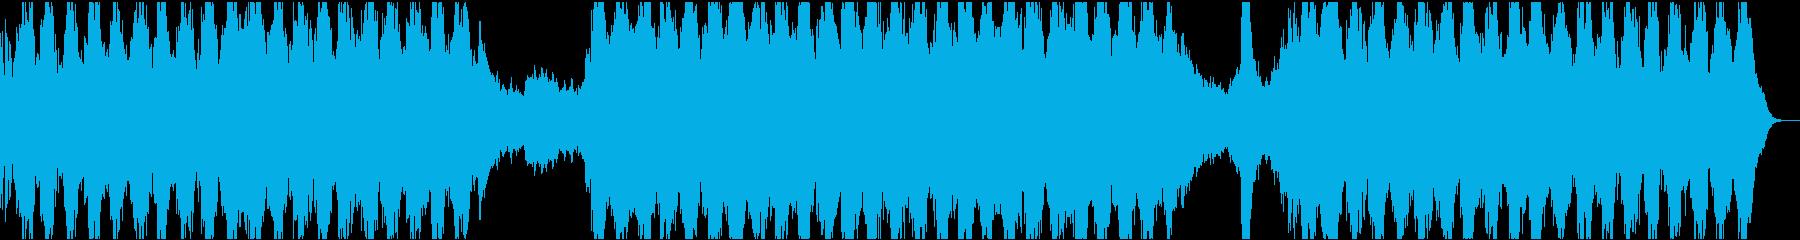 緊張感あるダークなテクスチャドローンの再生済みの波形